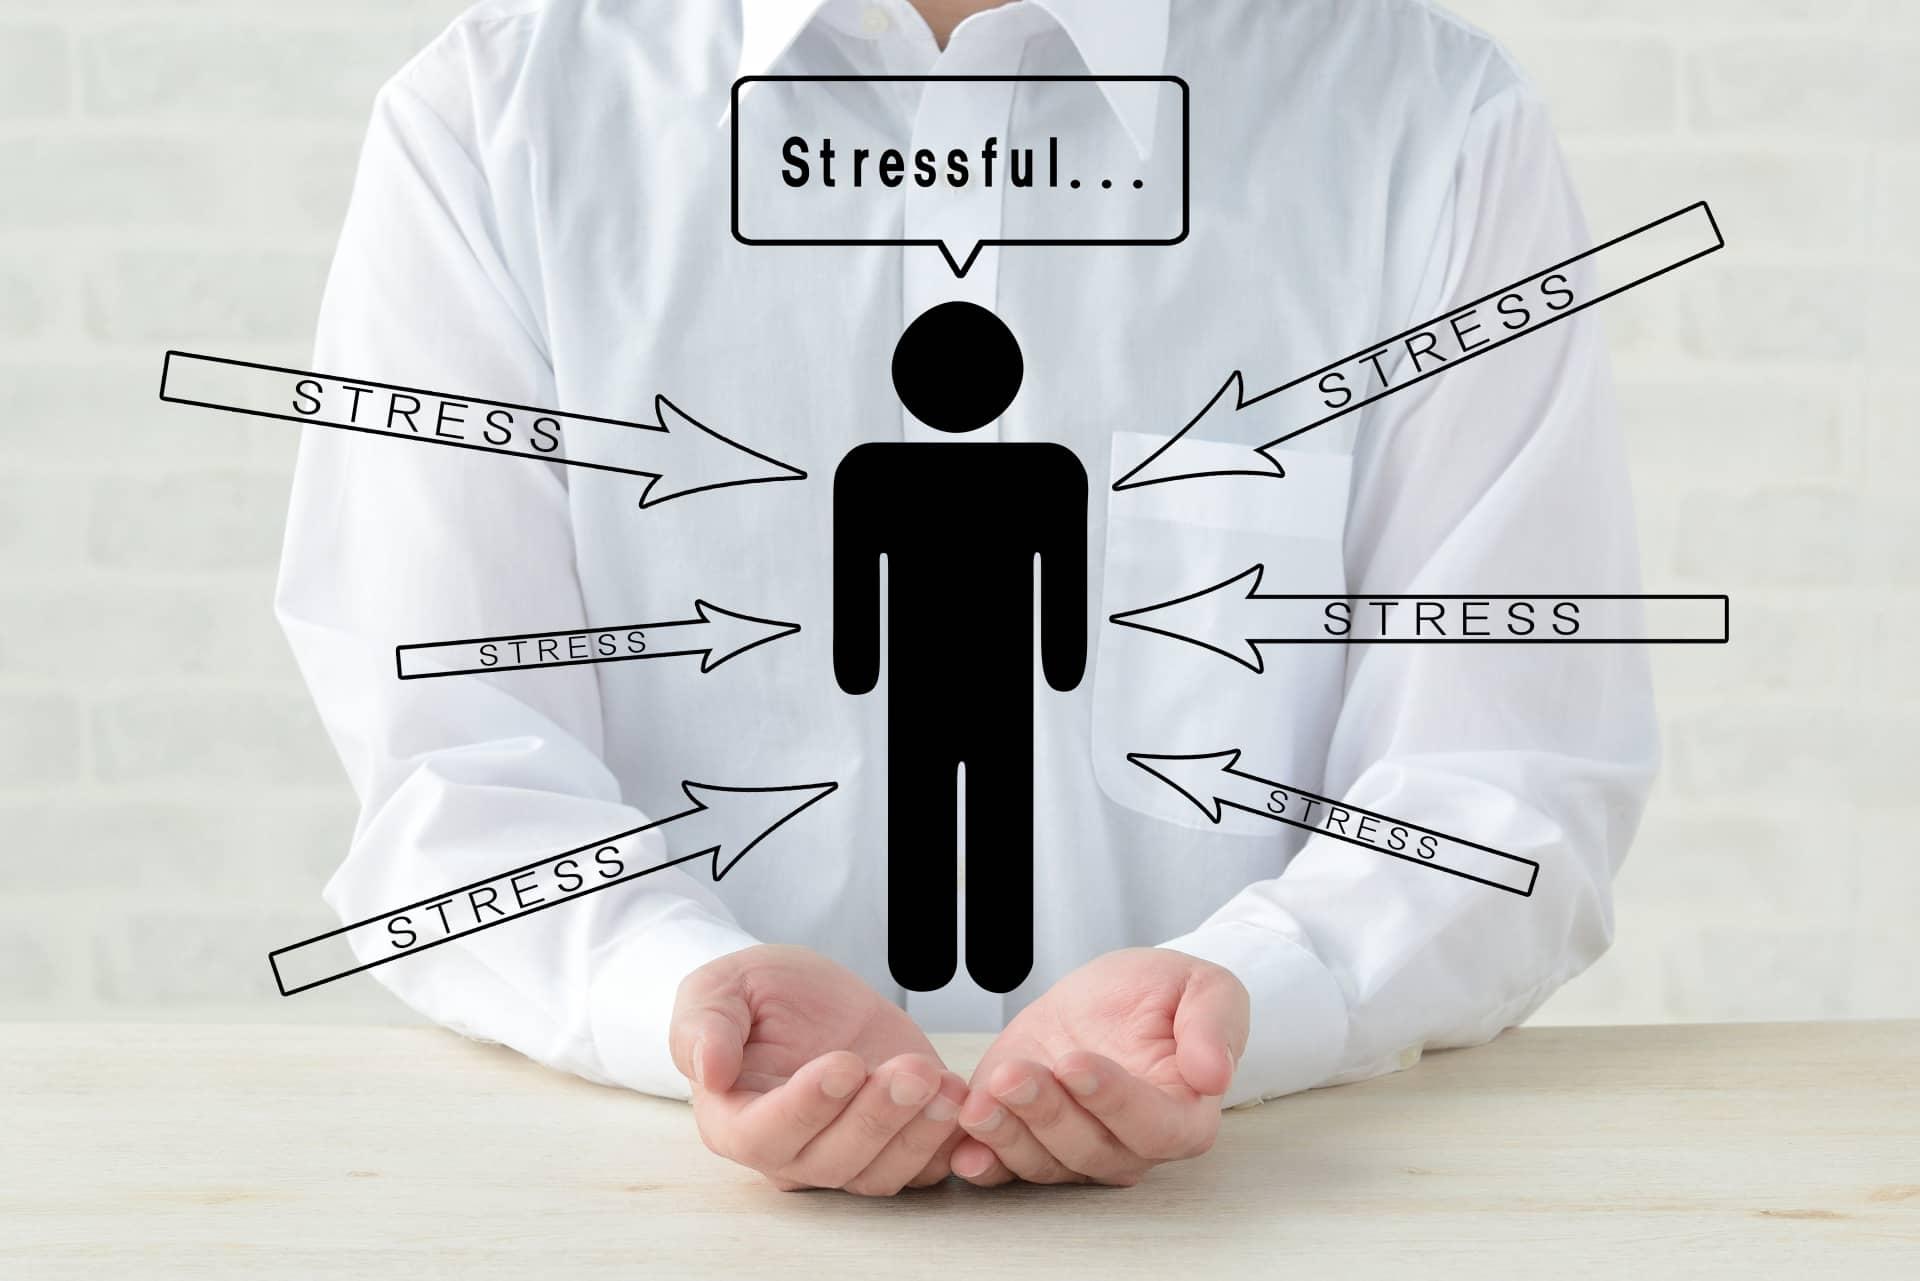 ストレスチェック制度とは?アルバイトや派遣も対象?義務化の基準と検査対象の考え方